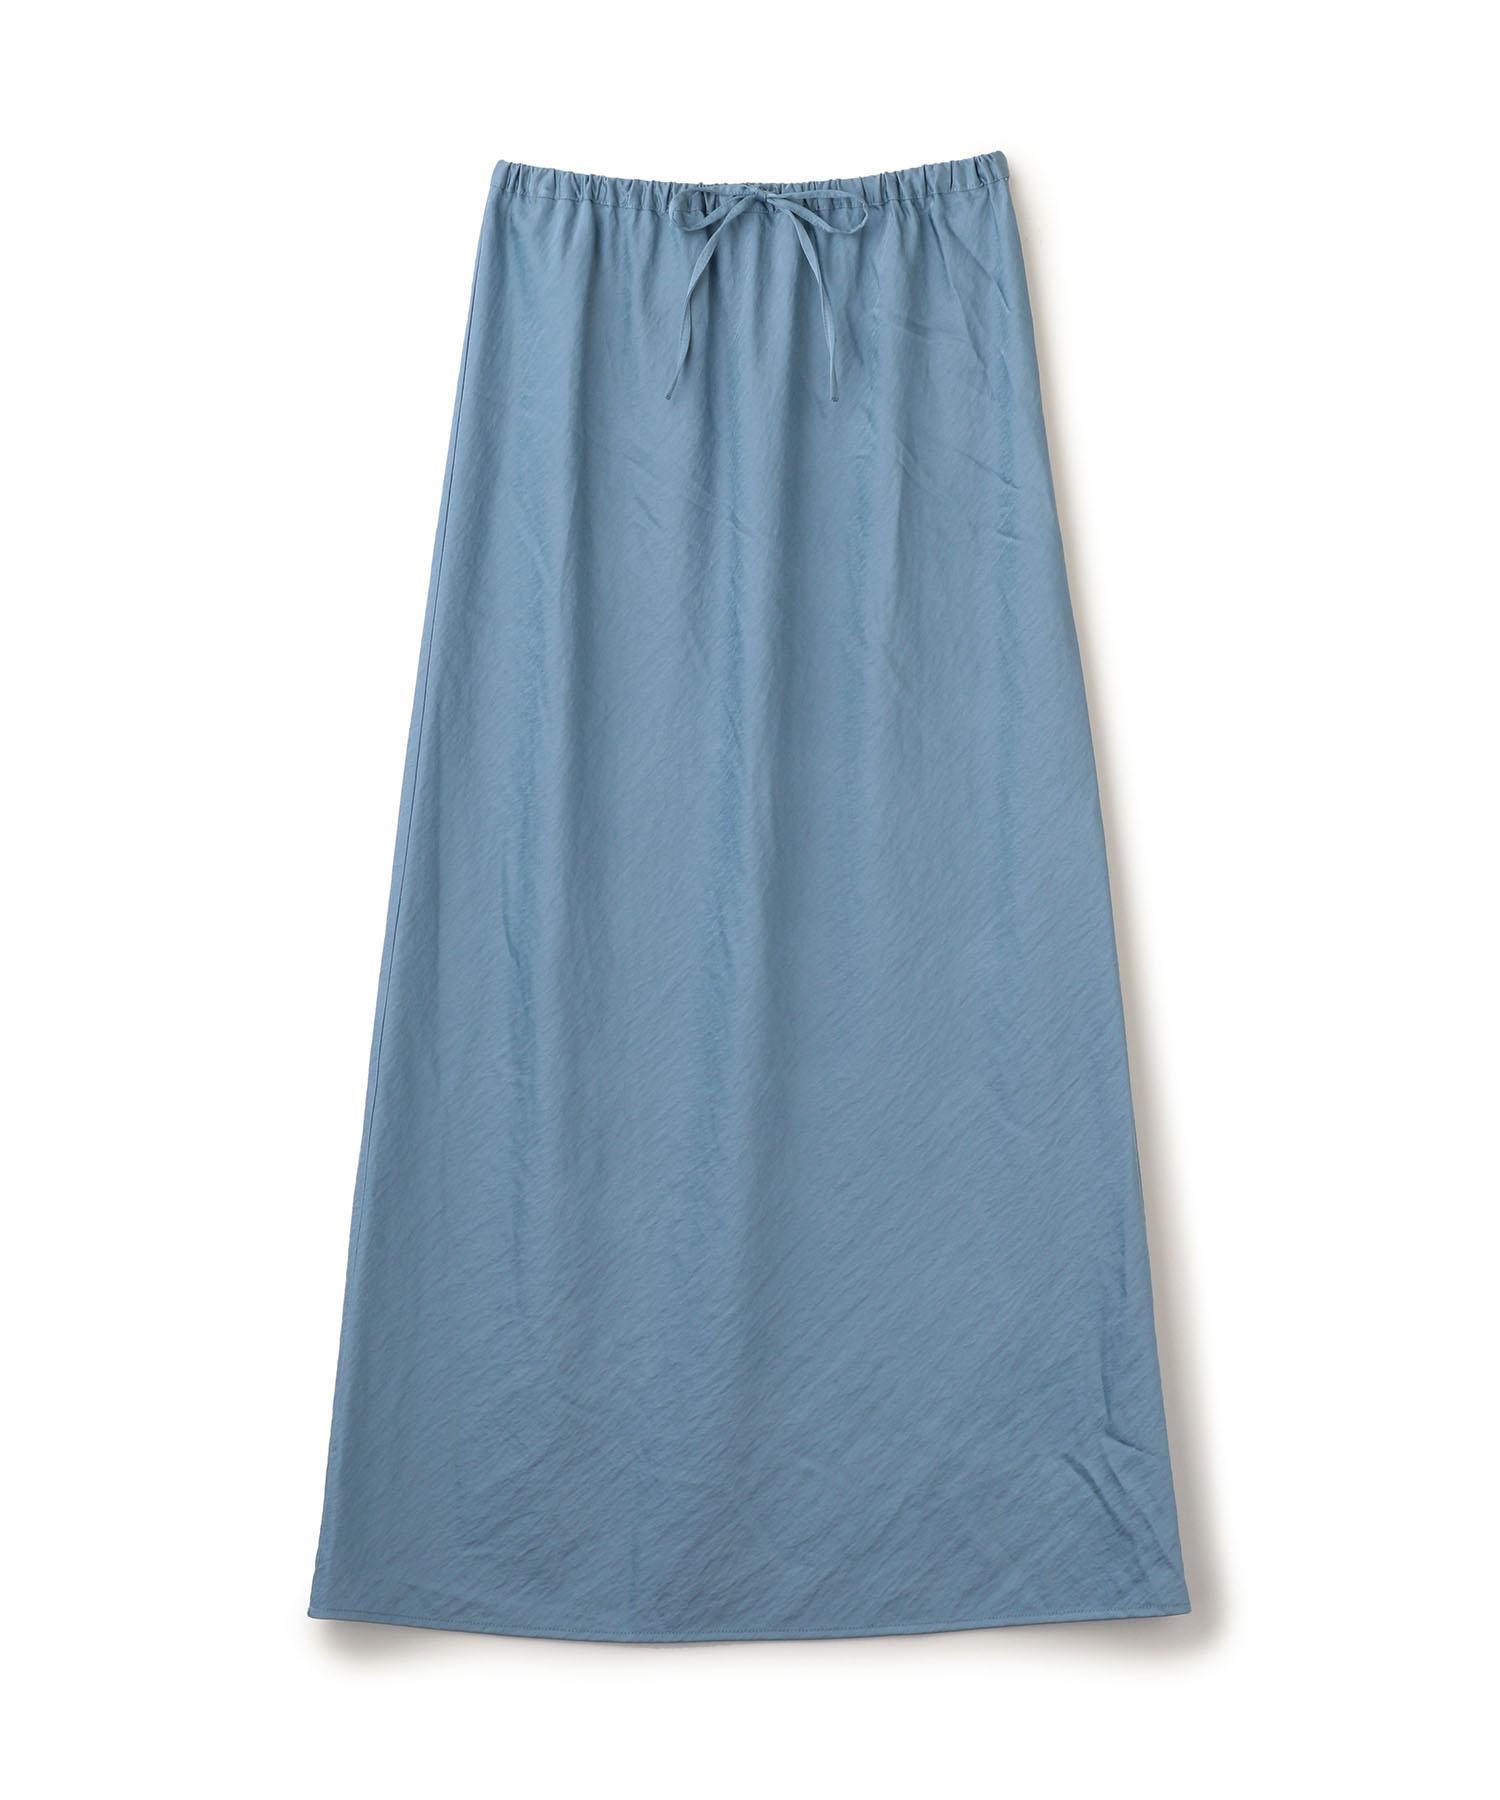 Sheer Satin Long Skirt